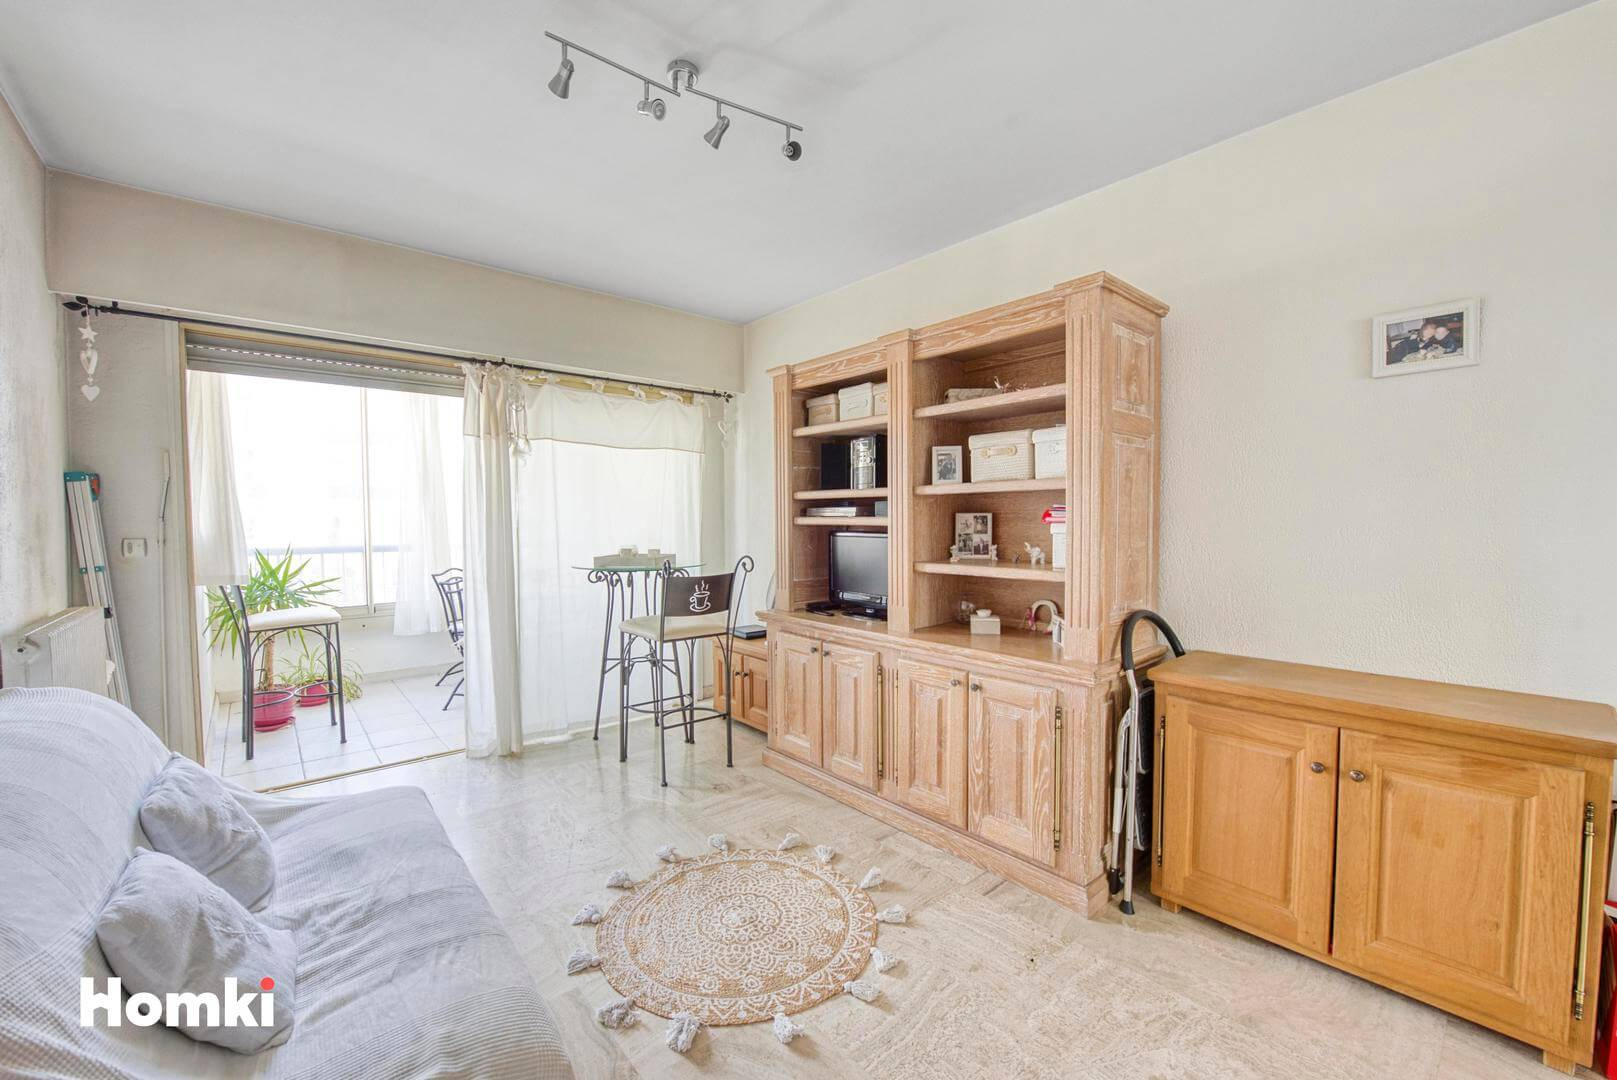 Homki - Vente Appartement  de 29.0 m² à Le Cannet 06110